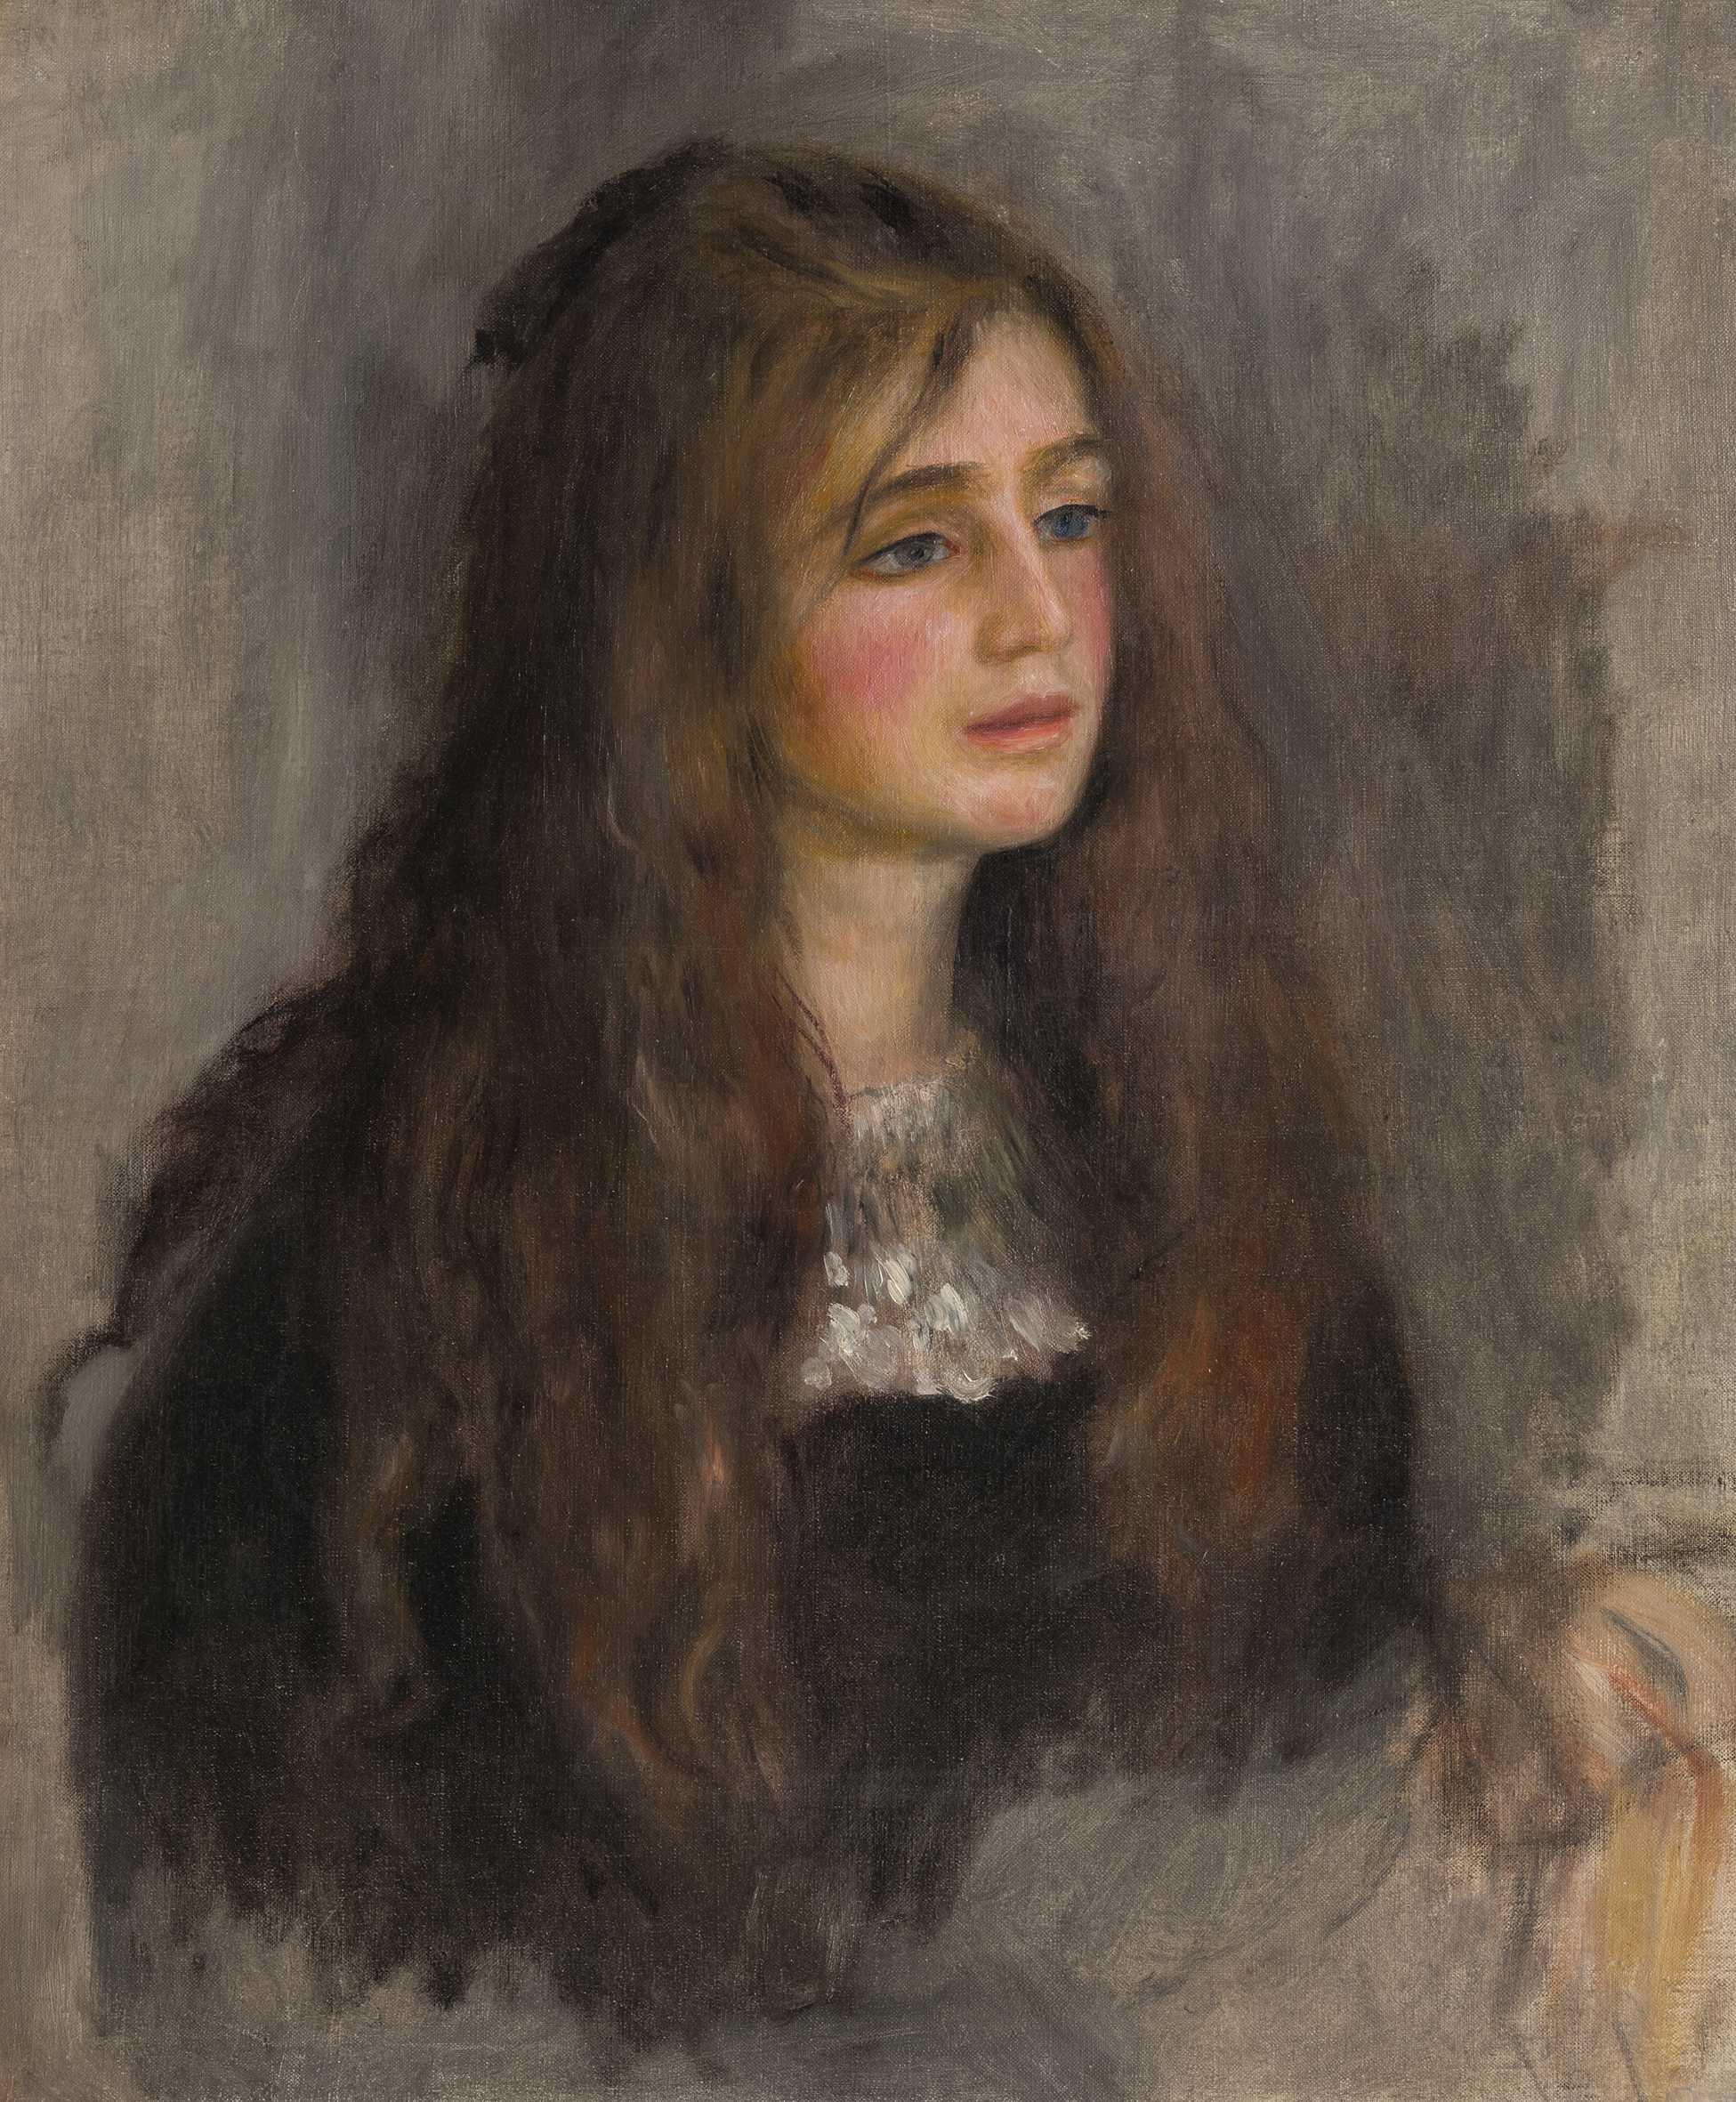 Pierre Auguste Renoir (1841-1919) Portrait de Julie Manet , 1894 Huile sur toile, 55x46 cm Paris, musée Marmottan Monet, legs Annie Rouart, 1993 © Christian Baraja SLB